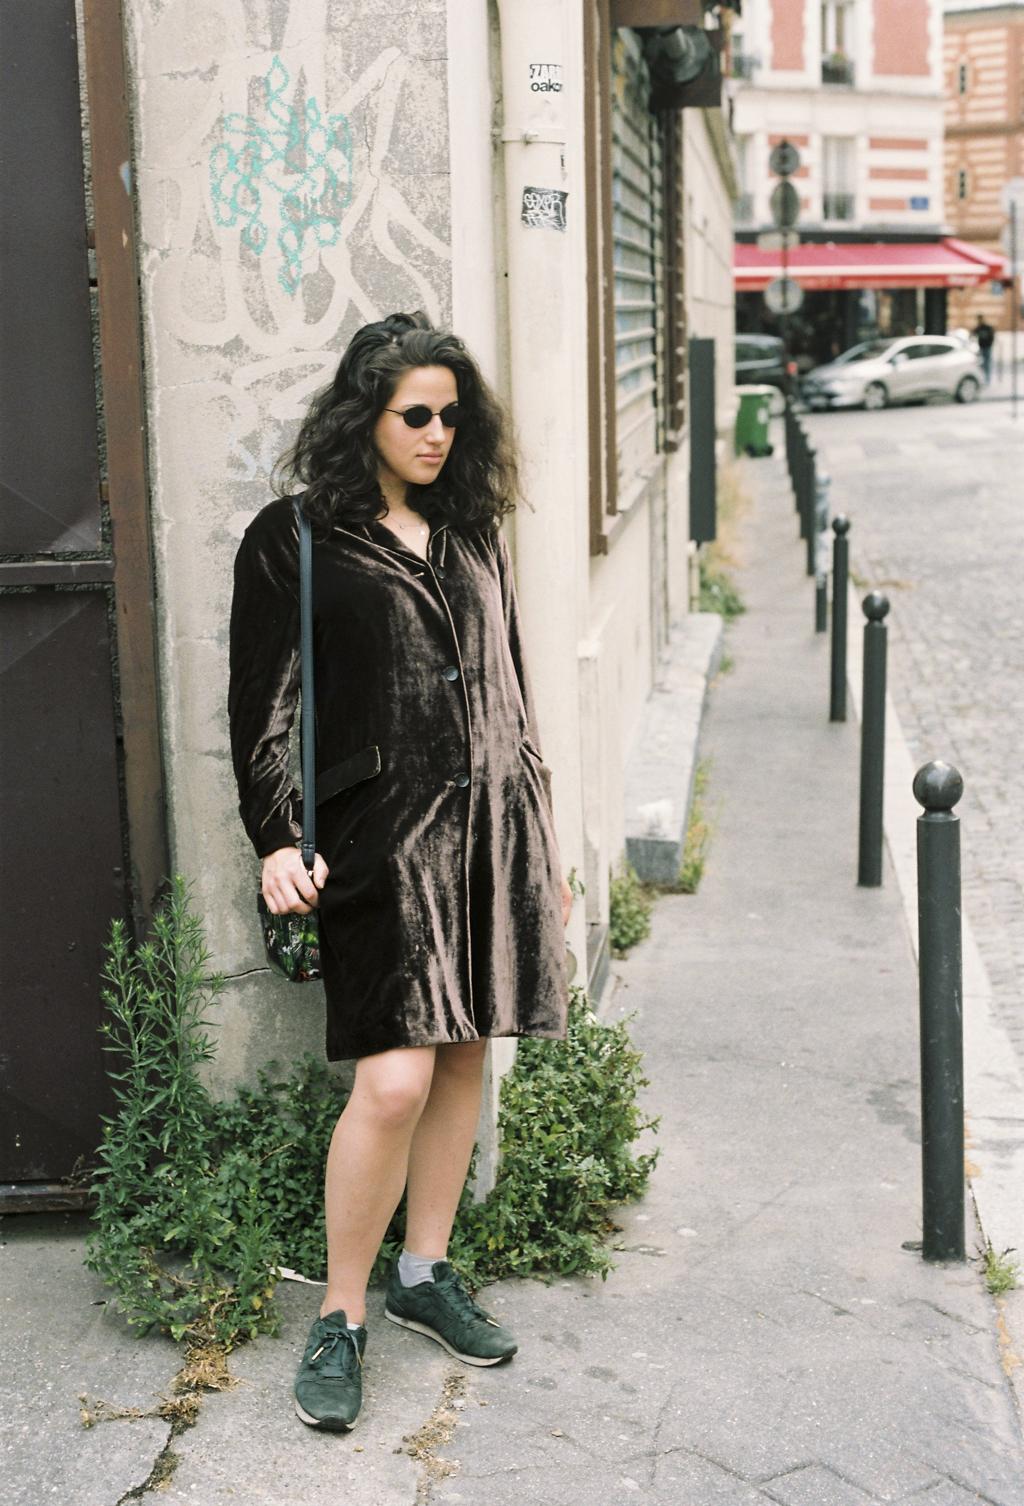 les rituelles lingerie eshop boutique opaak lingerie quotidienne23a.jpg